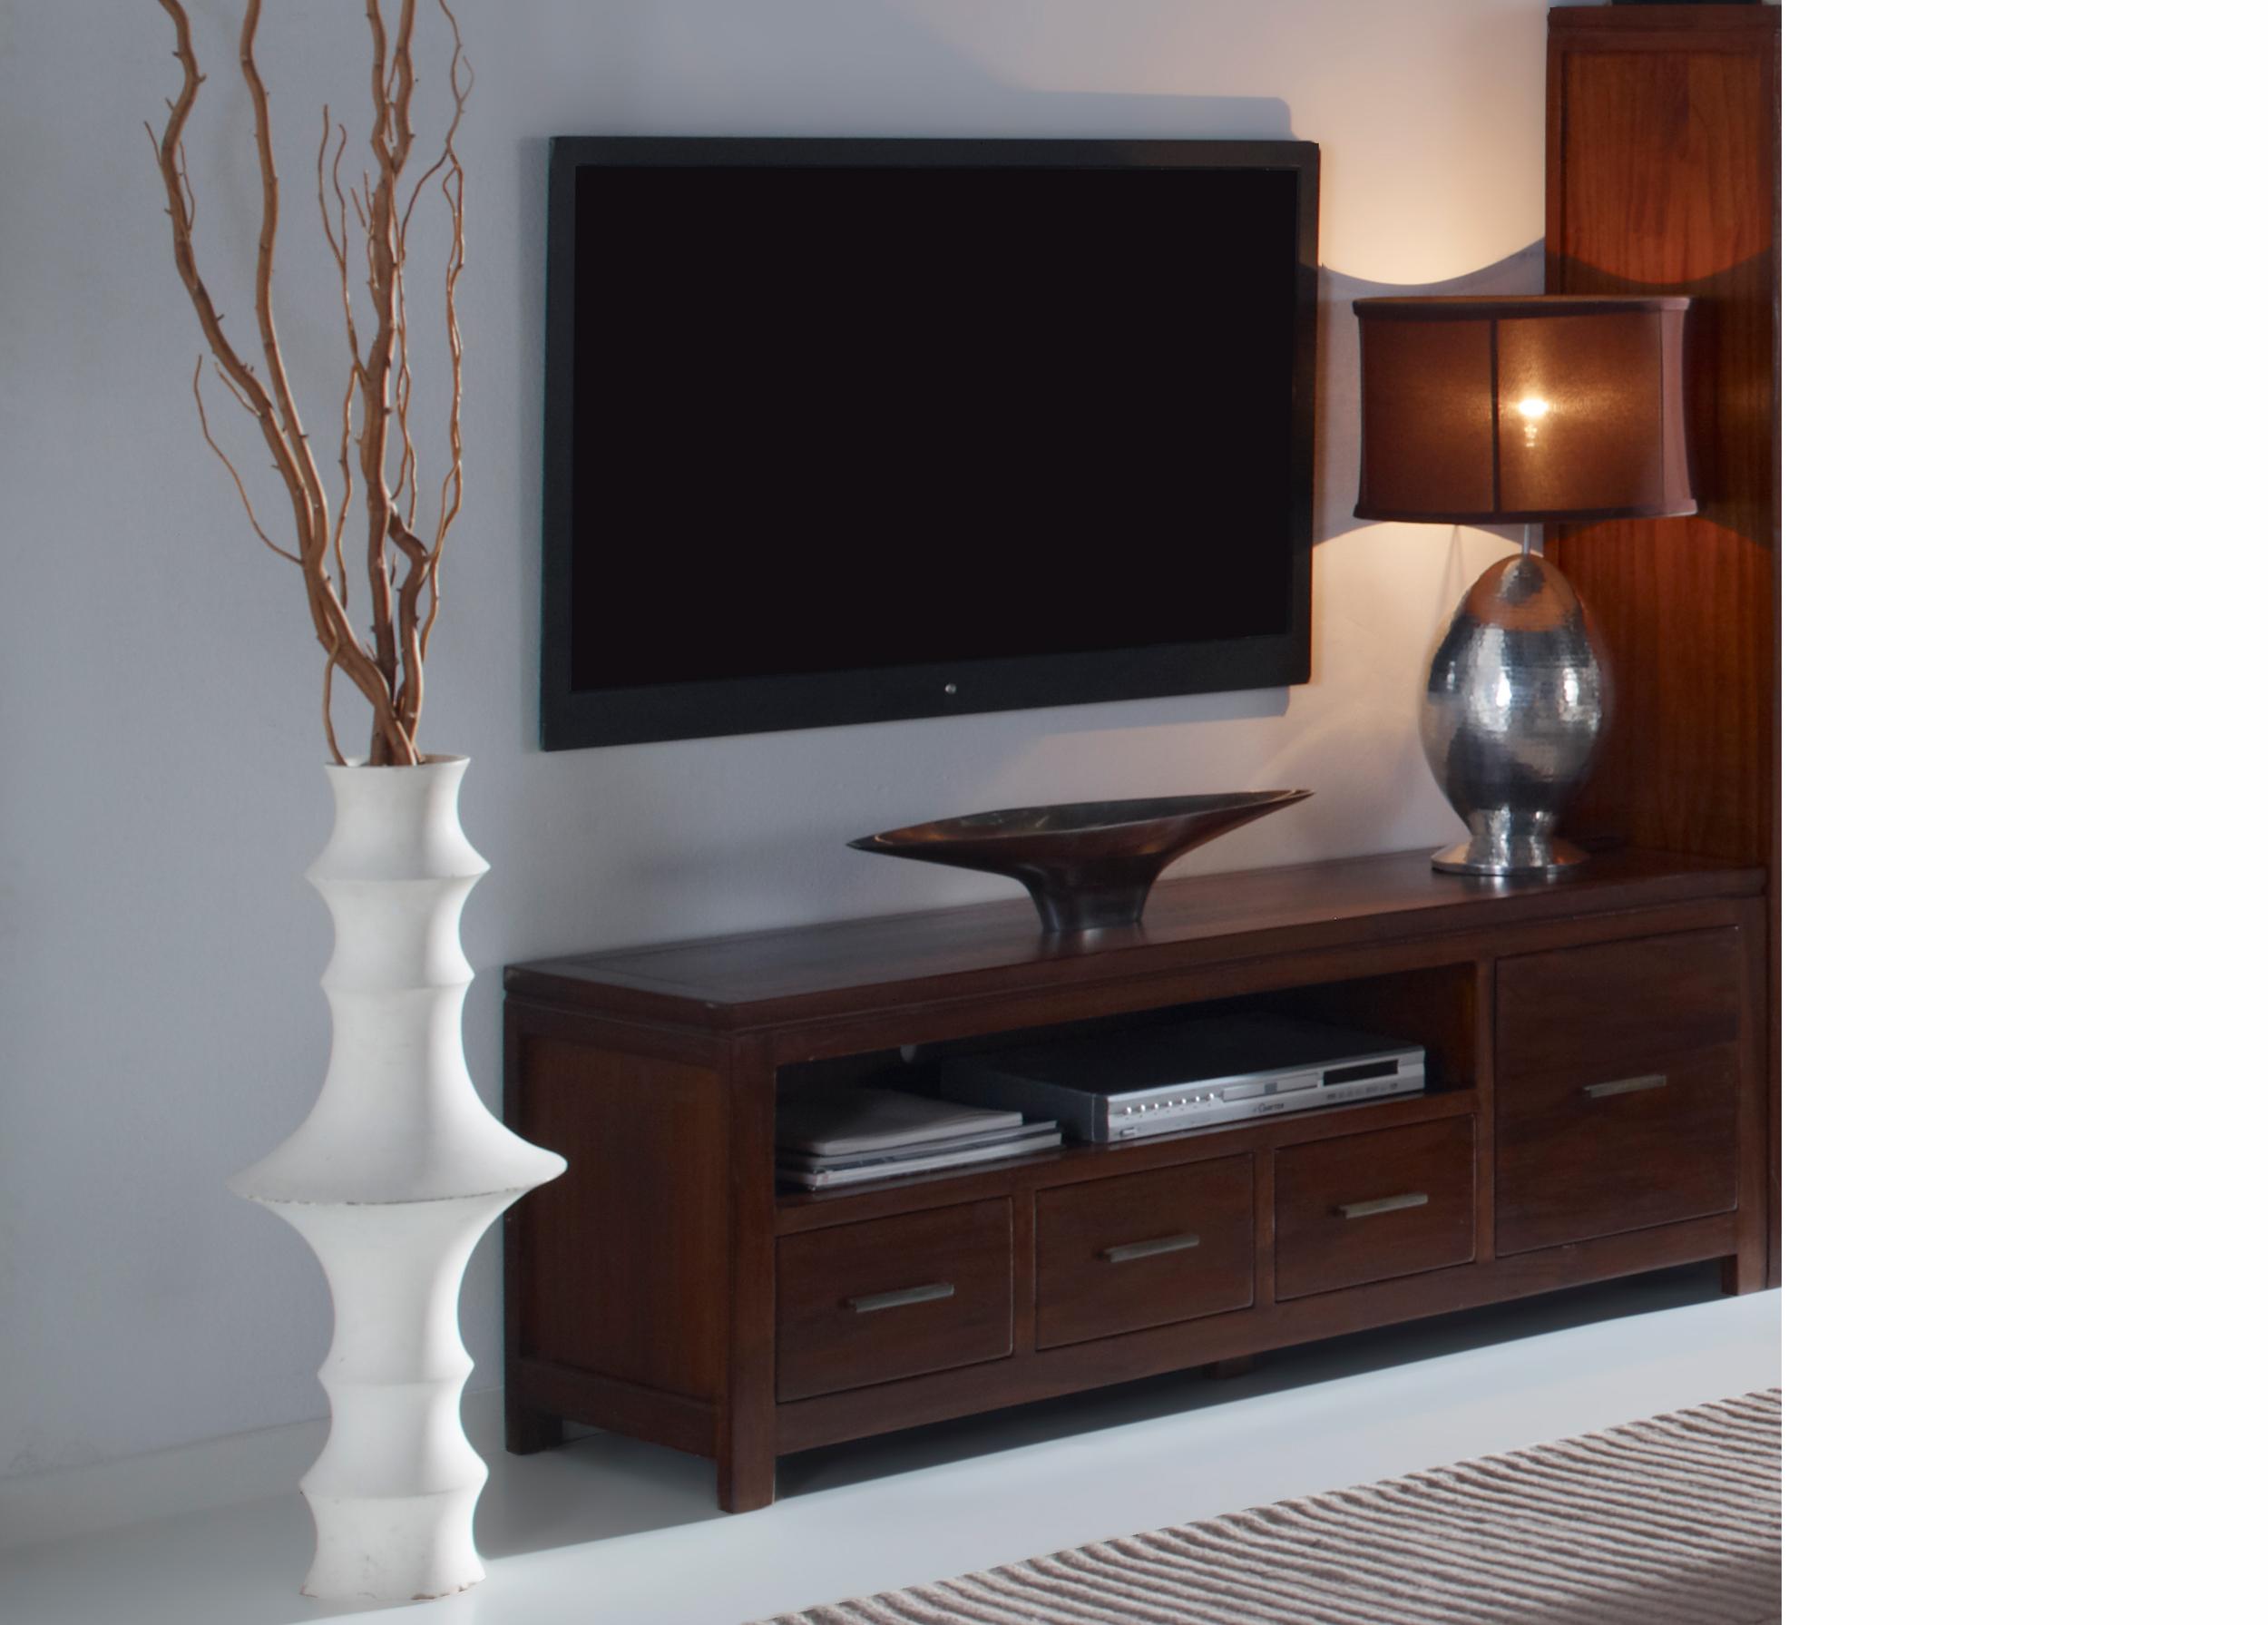 mueble tv colonial fichero - Muebles De Television